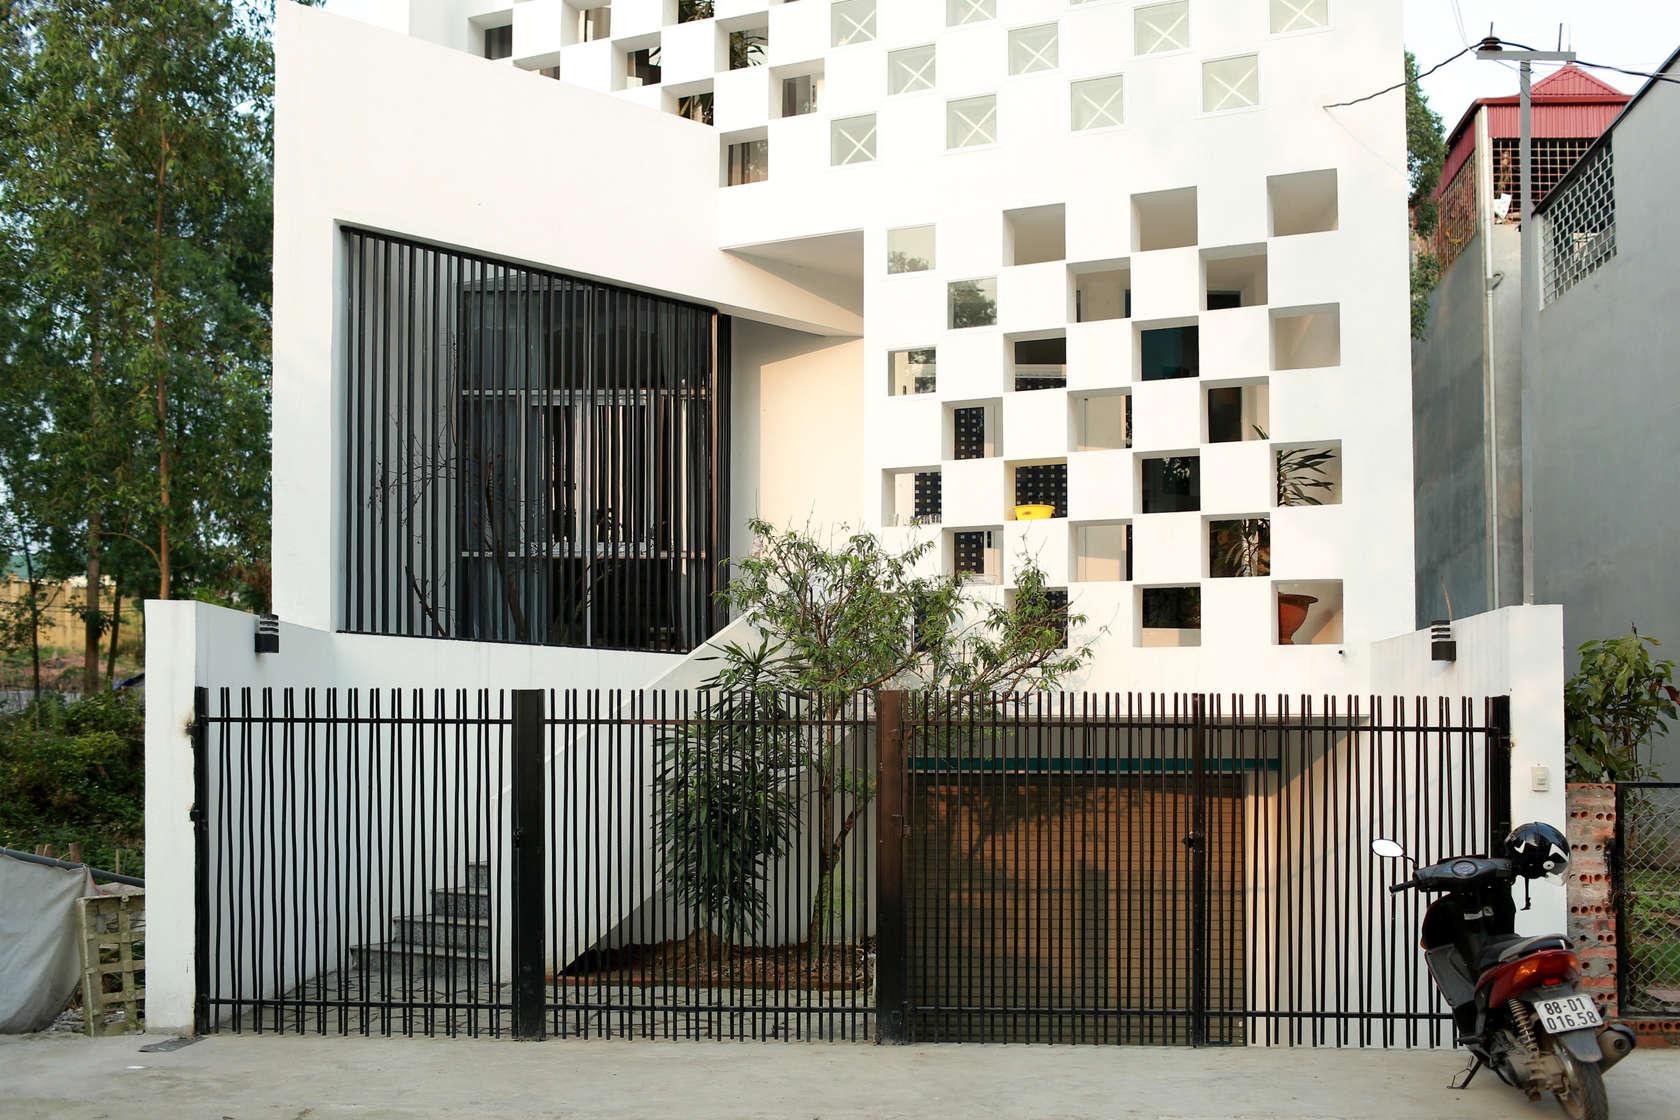 caro-house_16nguyenhieu-archi